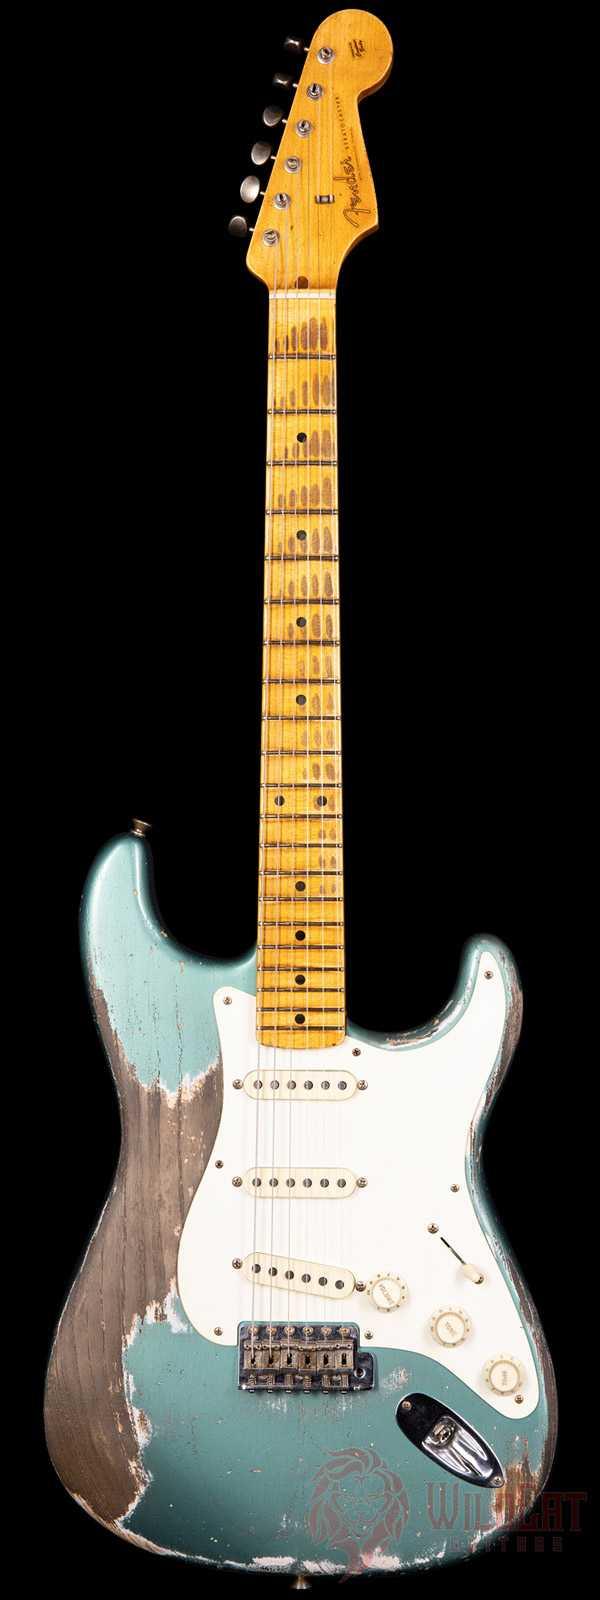 Fender Custom Shop Masterbuilt Greg Fessler 1956 Stratocaster Extreme Heavy Relic Sherwood Metallic